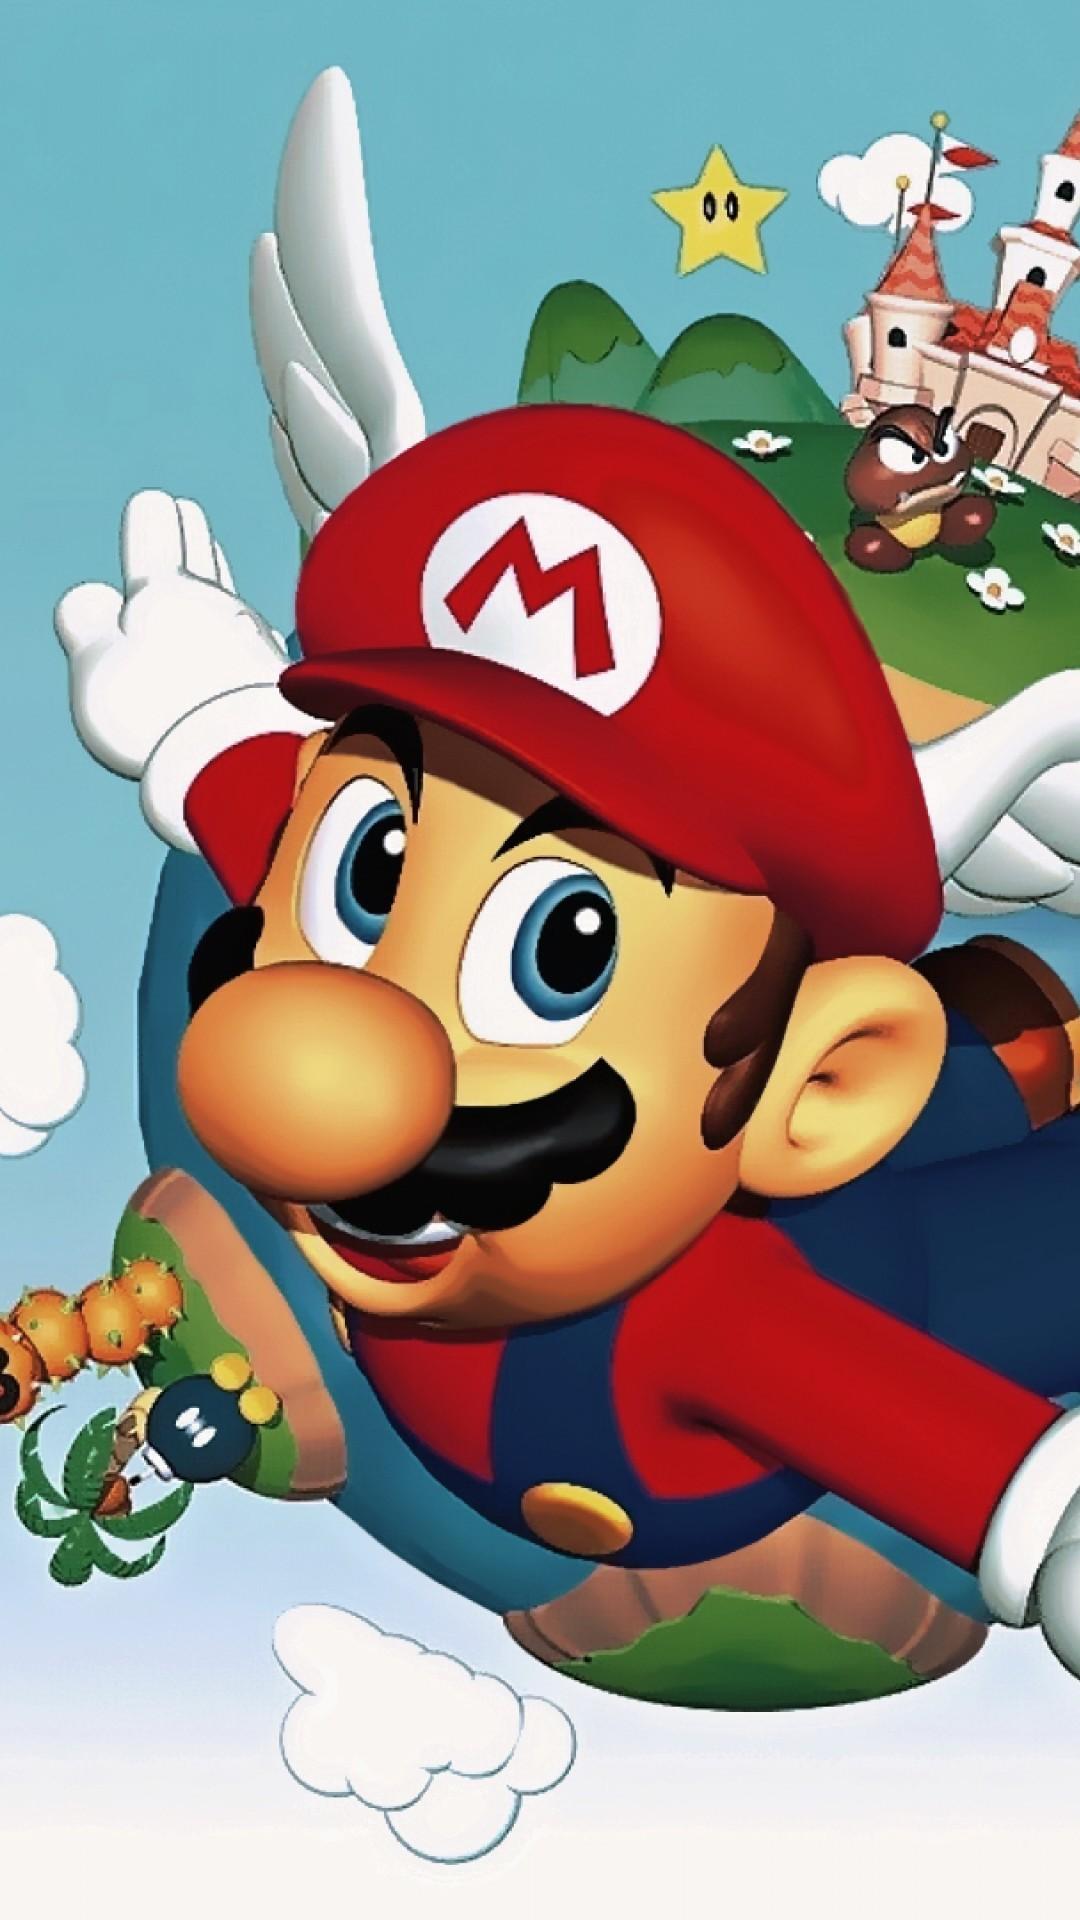 Super Mario 64 Quotes iPhone 6 Plus – Wallpaper